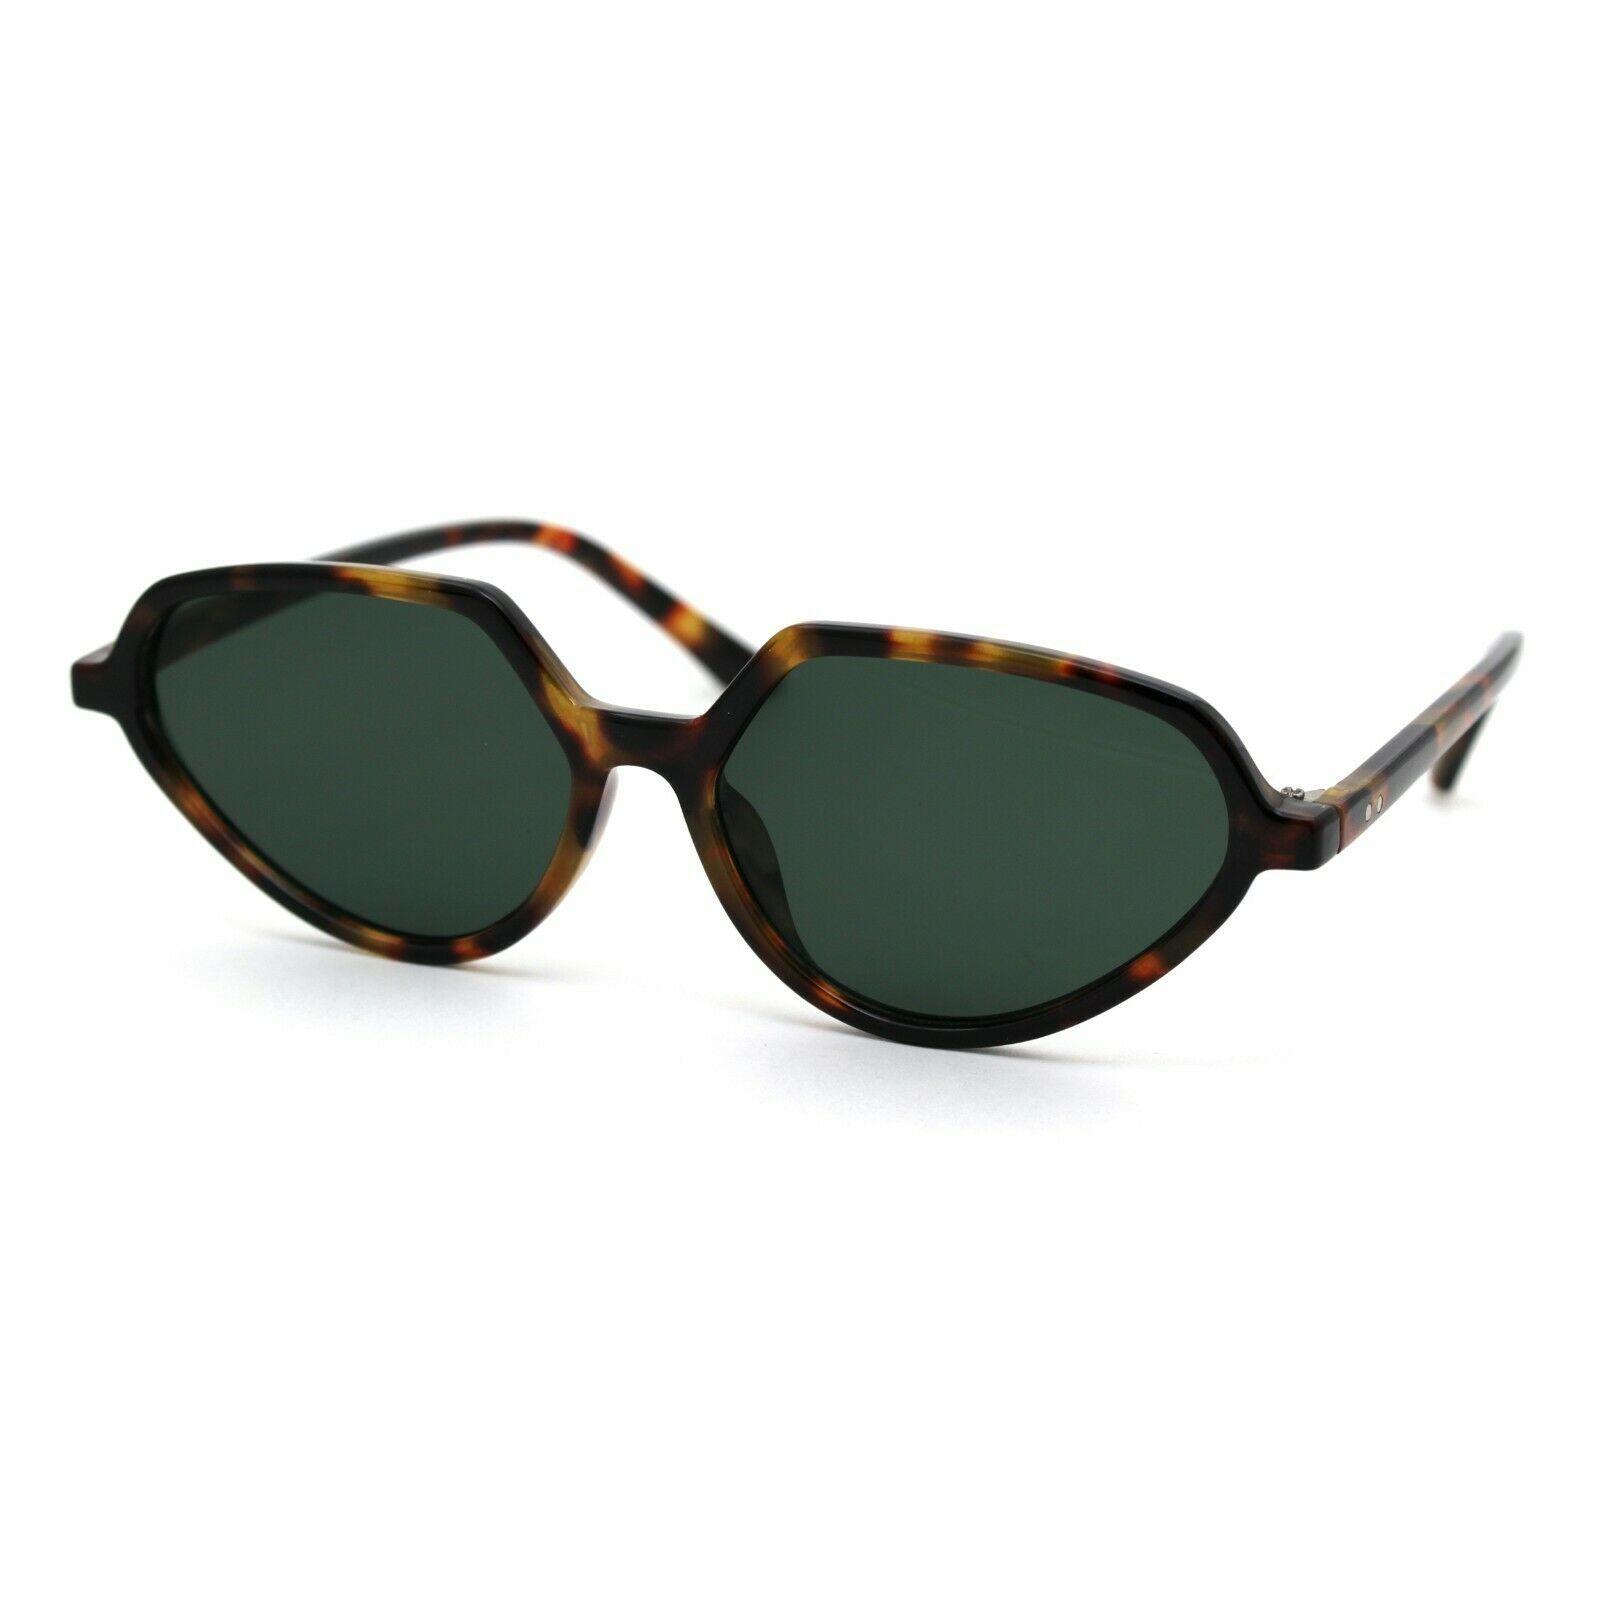 Womens Retro Vintage Style Thin Plastic Fashion Sunglasses